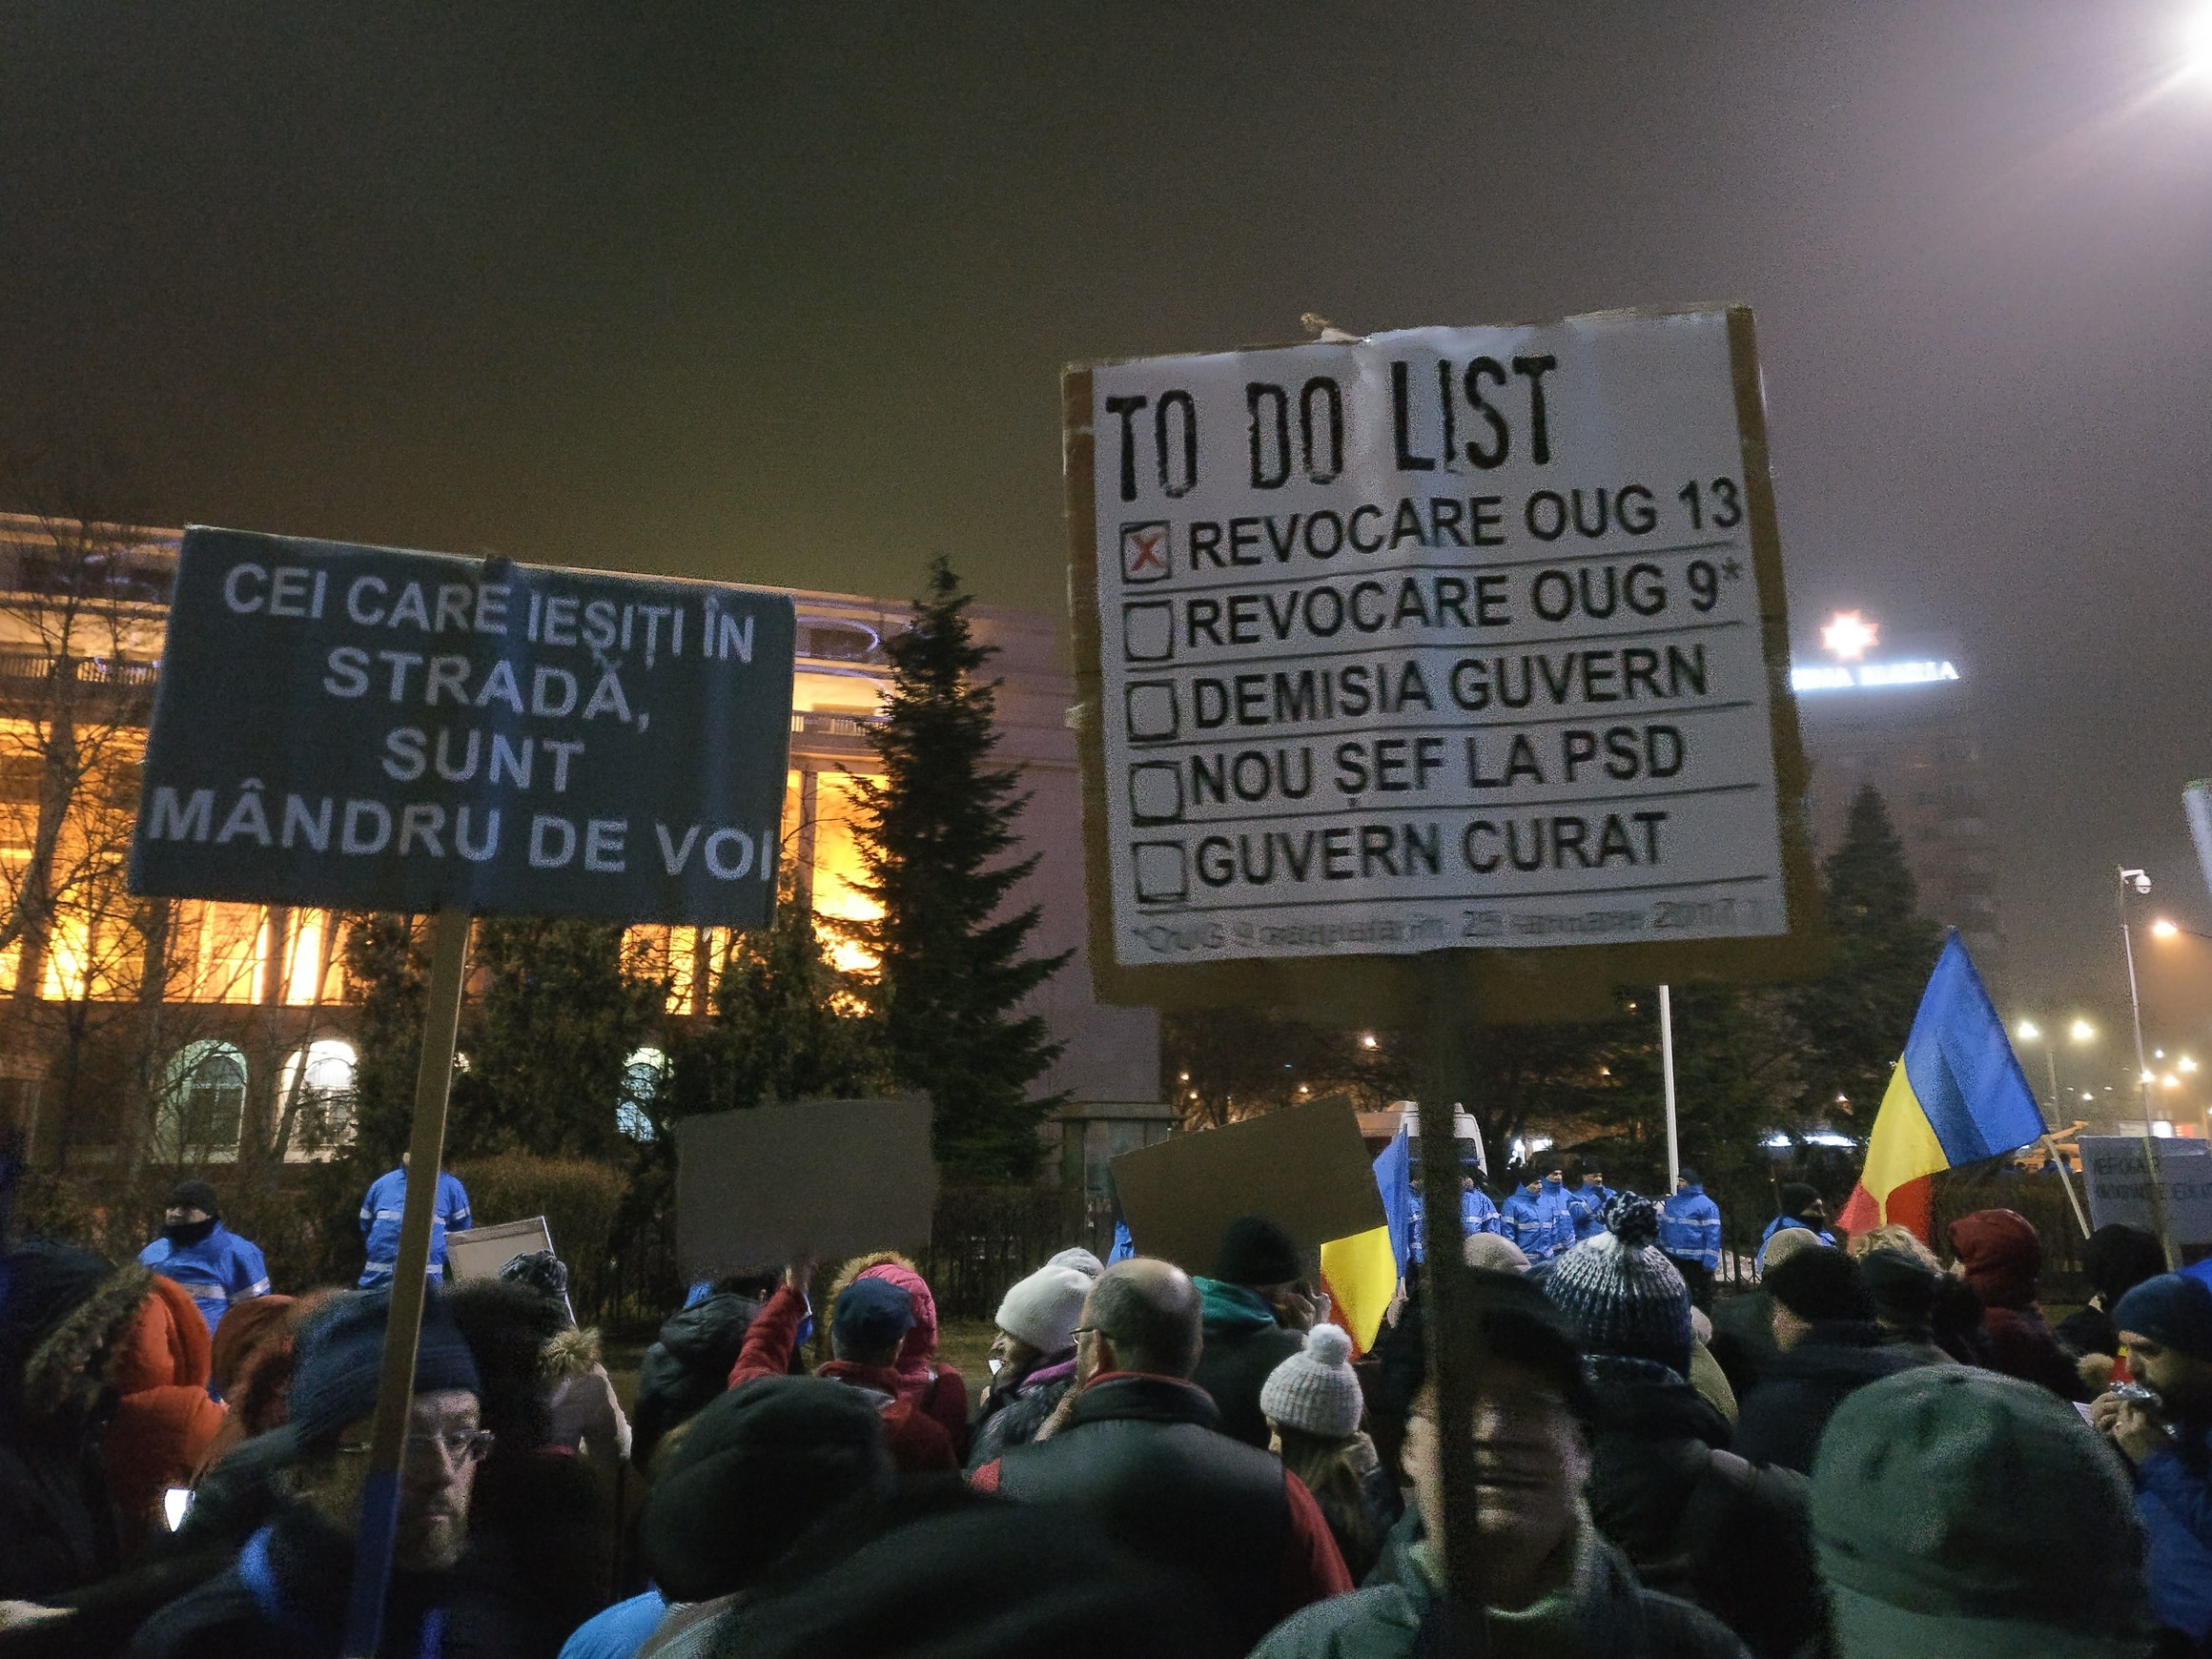 ordonanta de urgenta oug sorin grindeanu liviu dragnea guvern protest